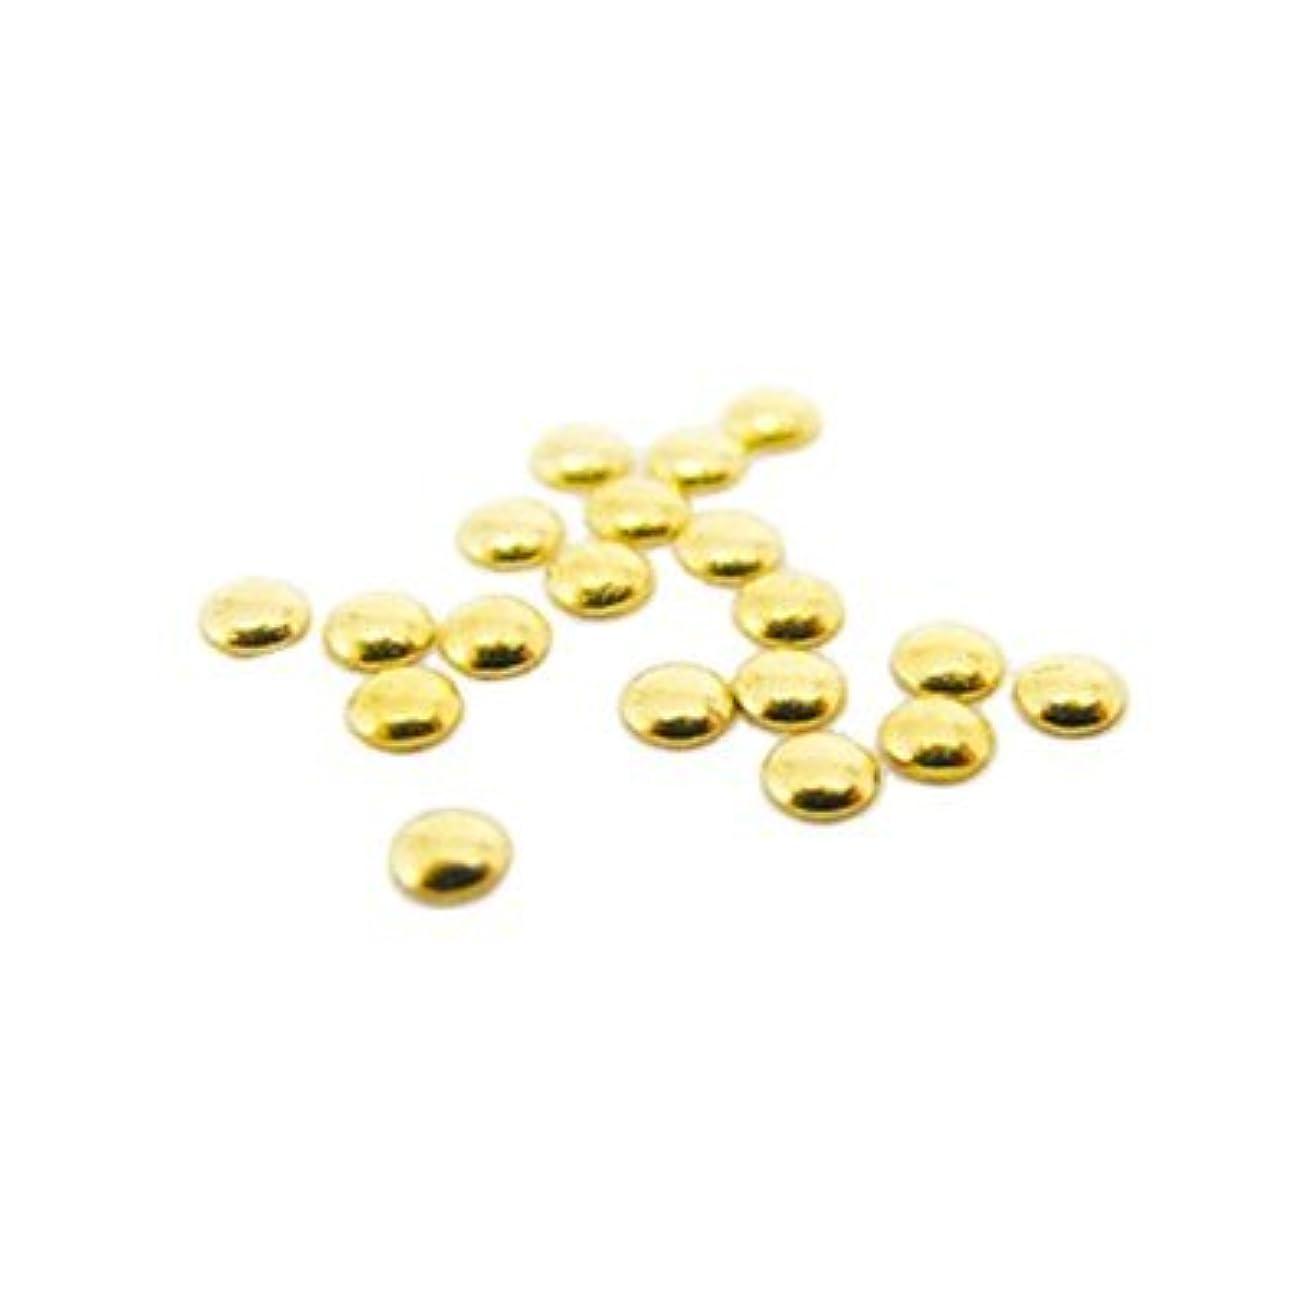 ケーブルカー新年満足ピアドラ スタッズ 1.5mm 100P ゴールド